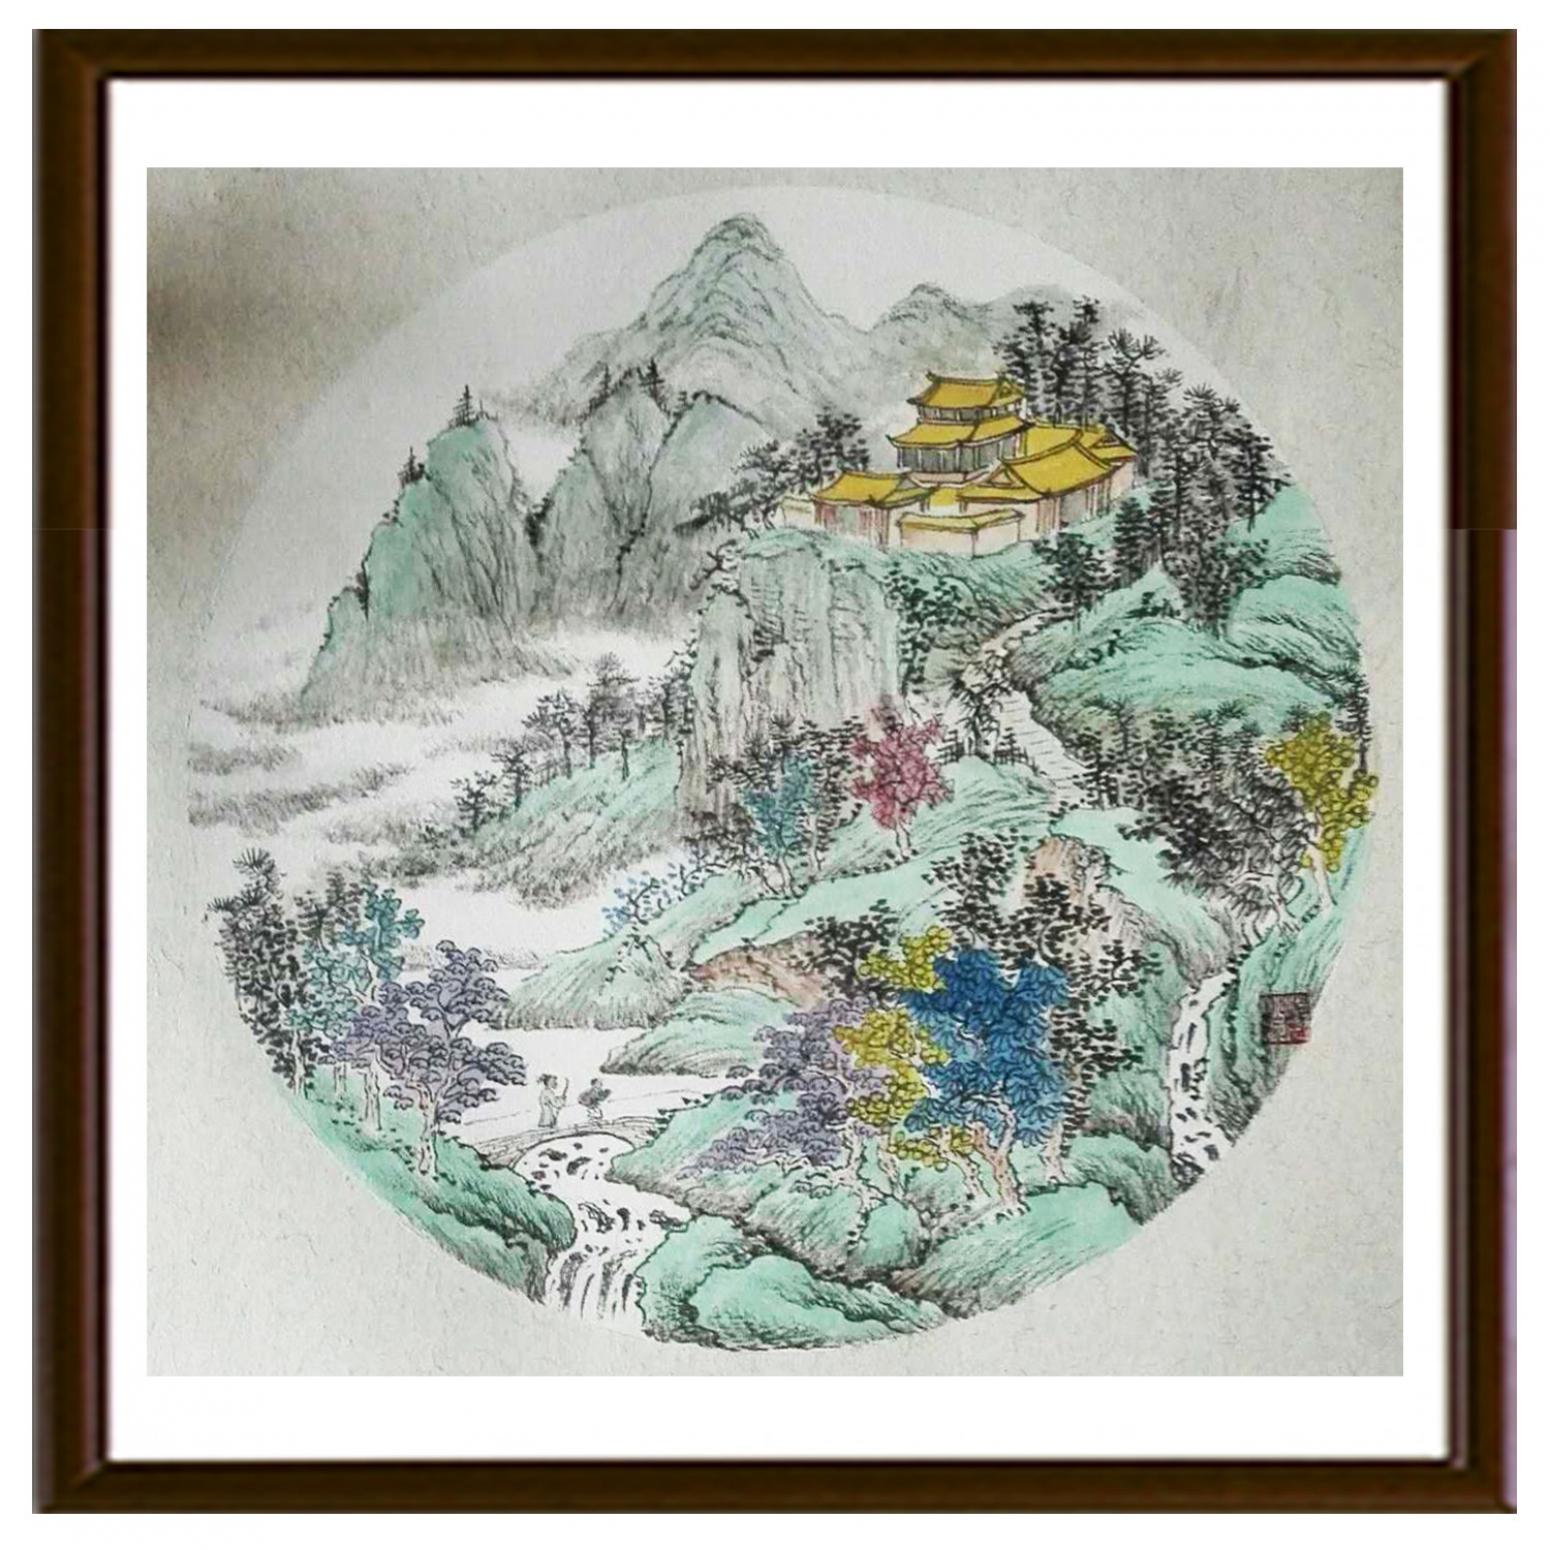 陈奇培国画作品《【圆形软卡】作者陈奇培 临摹》【图2】